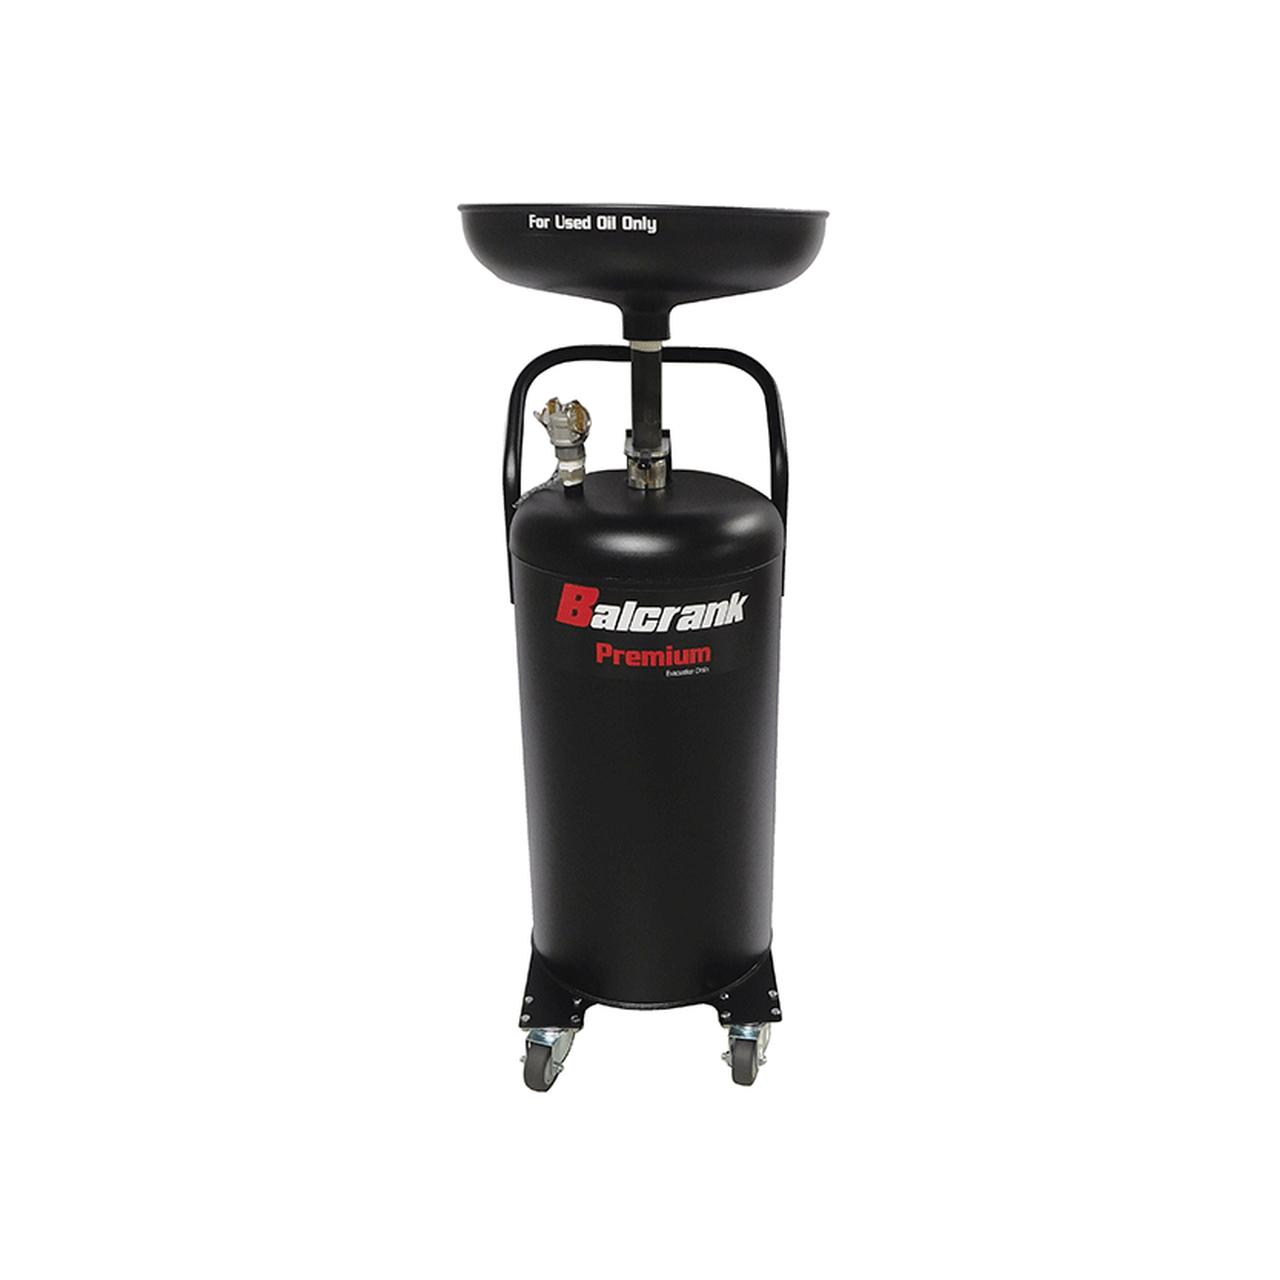 Balcrank Premium Oil Drain